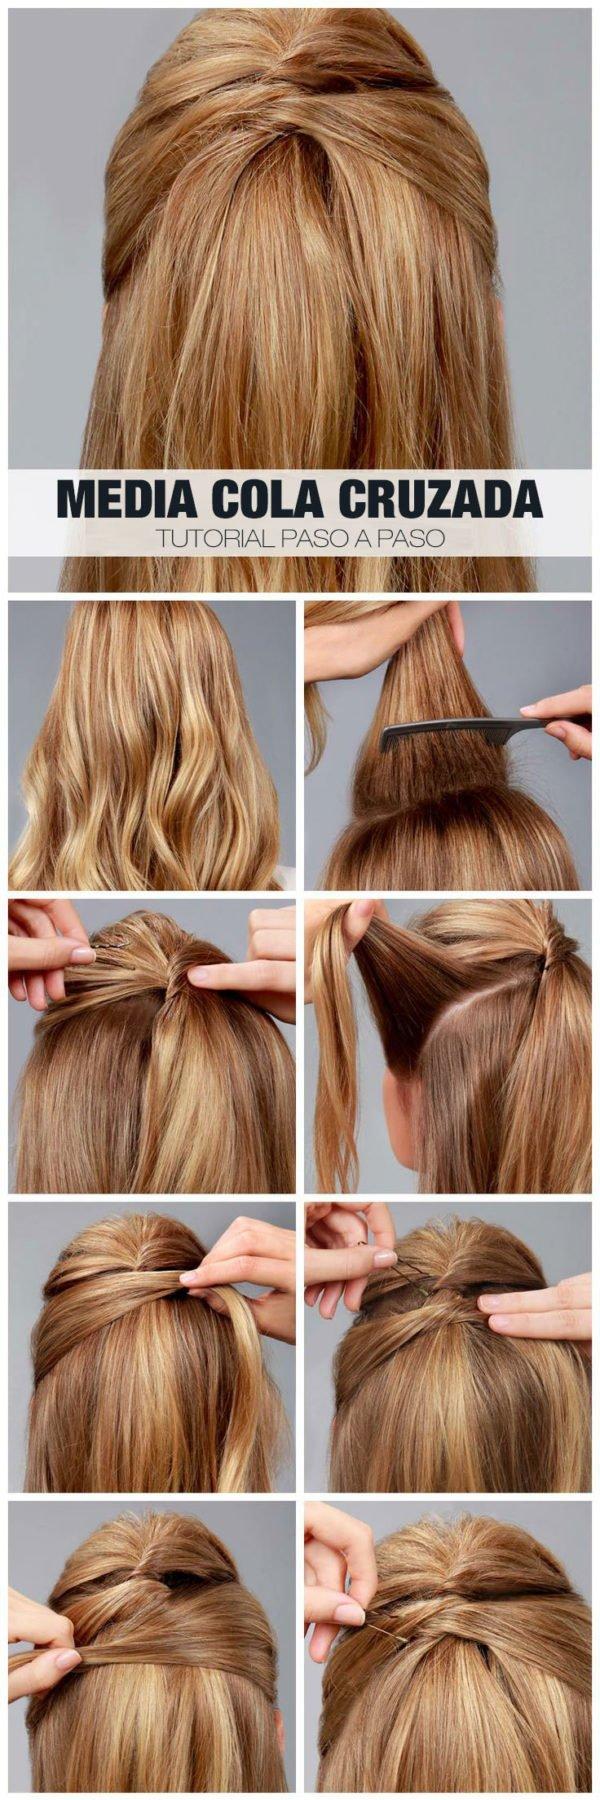 peinados-faciles-para-hacerse-una-misma-en-casa-otoño-invierno-media-cola-cruzada